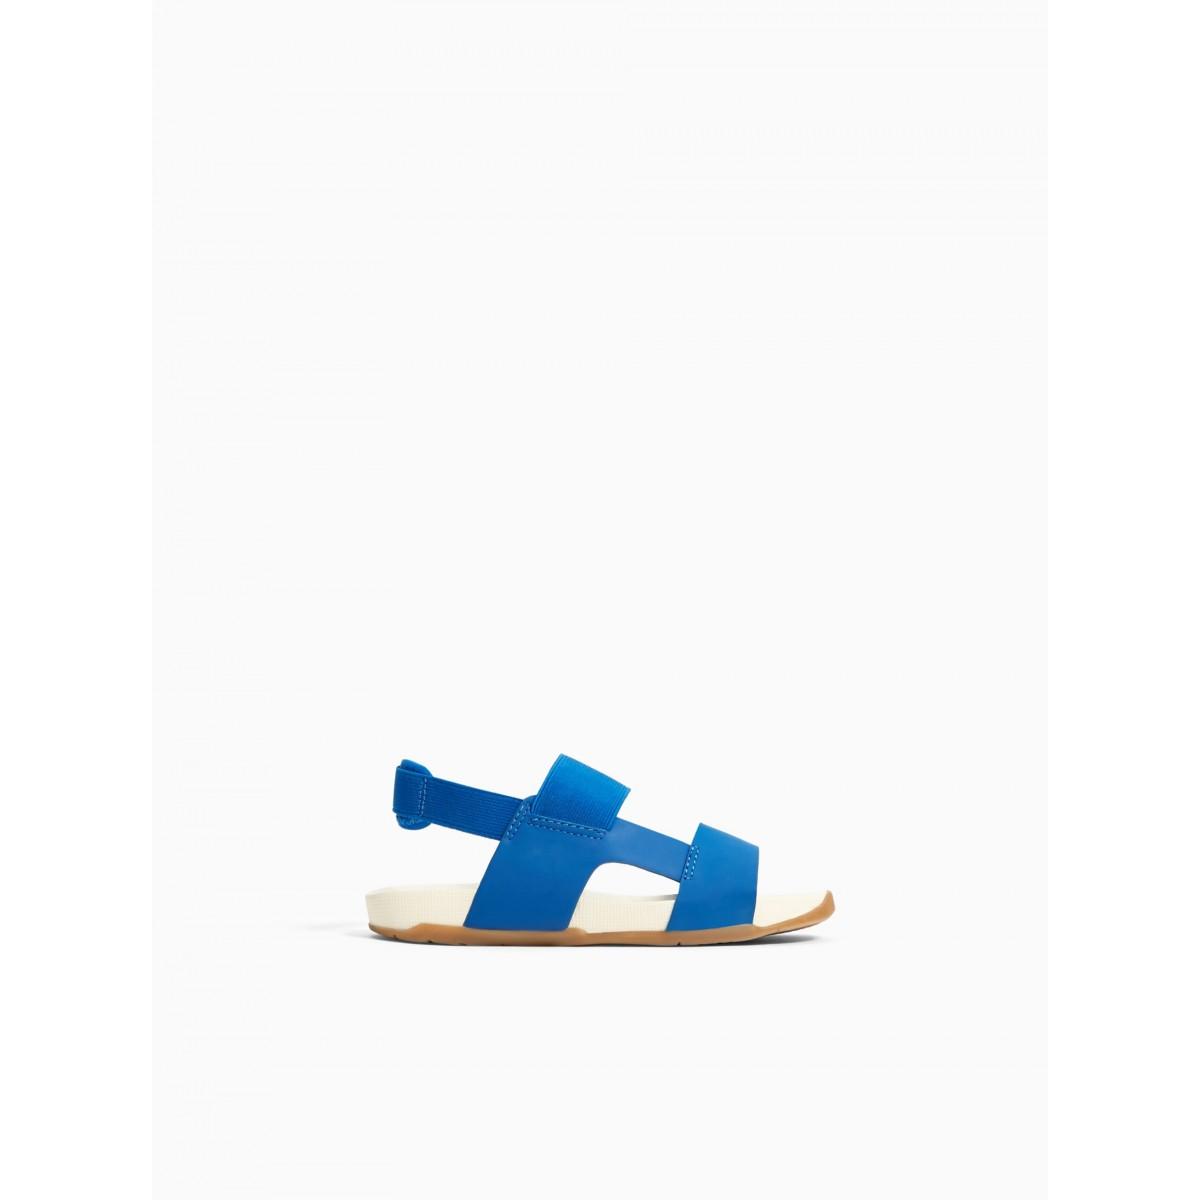 Zara Elastic Strap Sandals